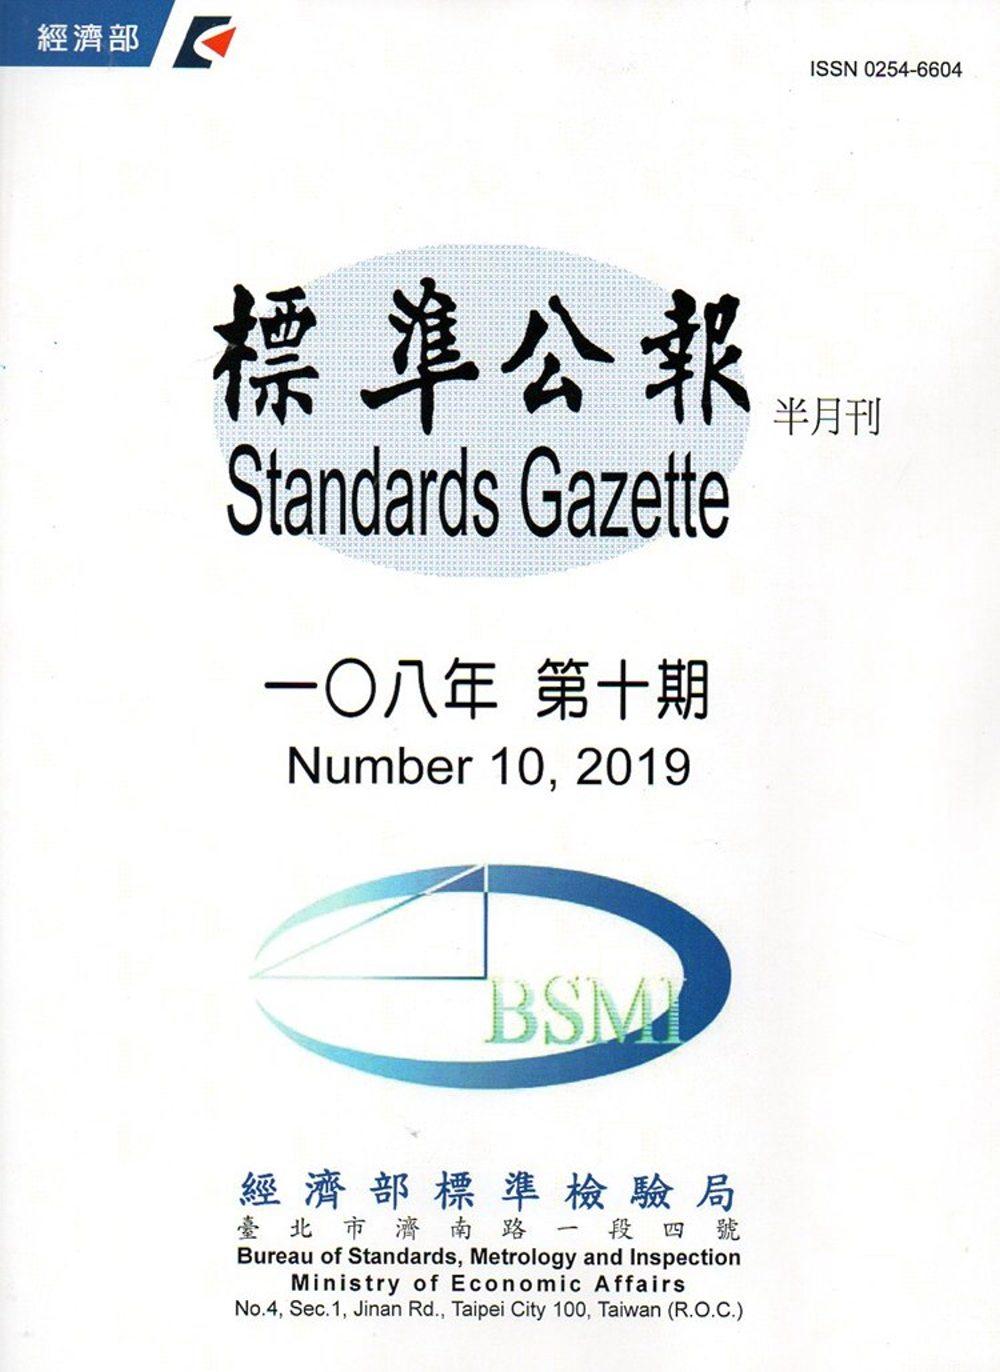 標準公報半月刊108年 第十期